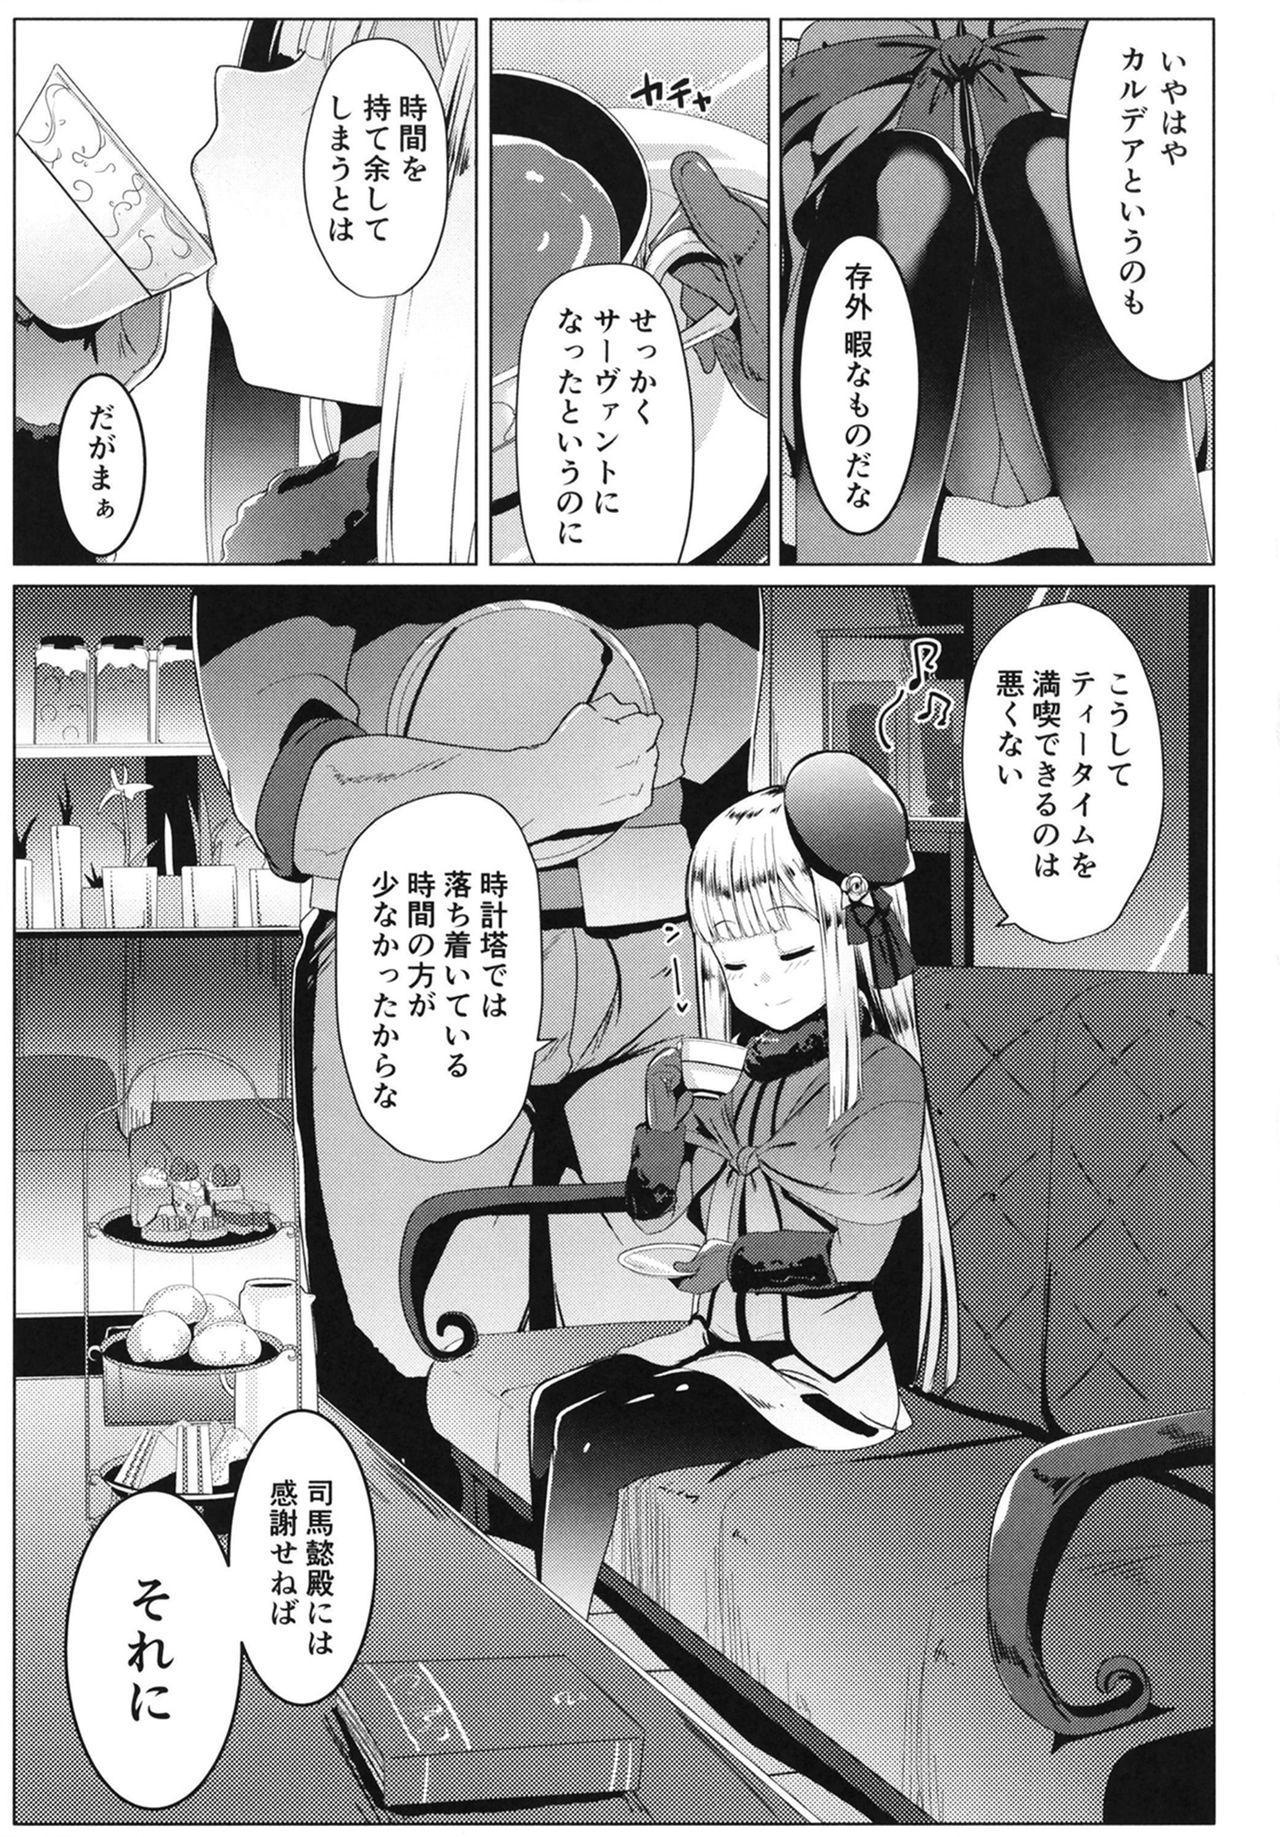 Neoki no Shishou wa Tonikaku Eroi 4